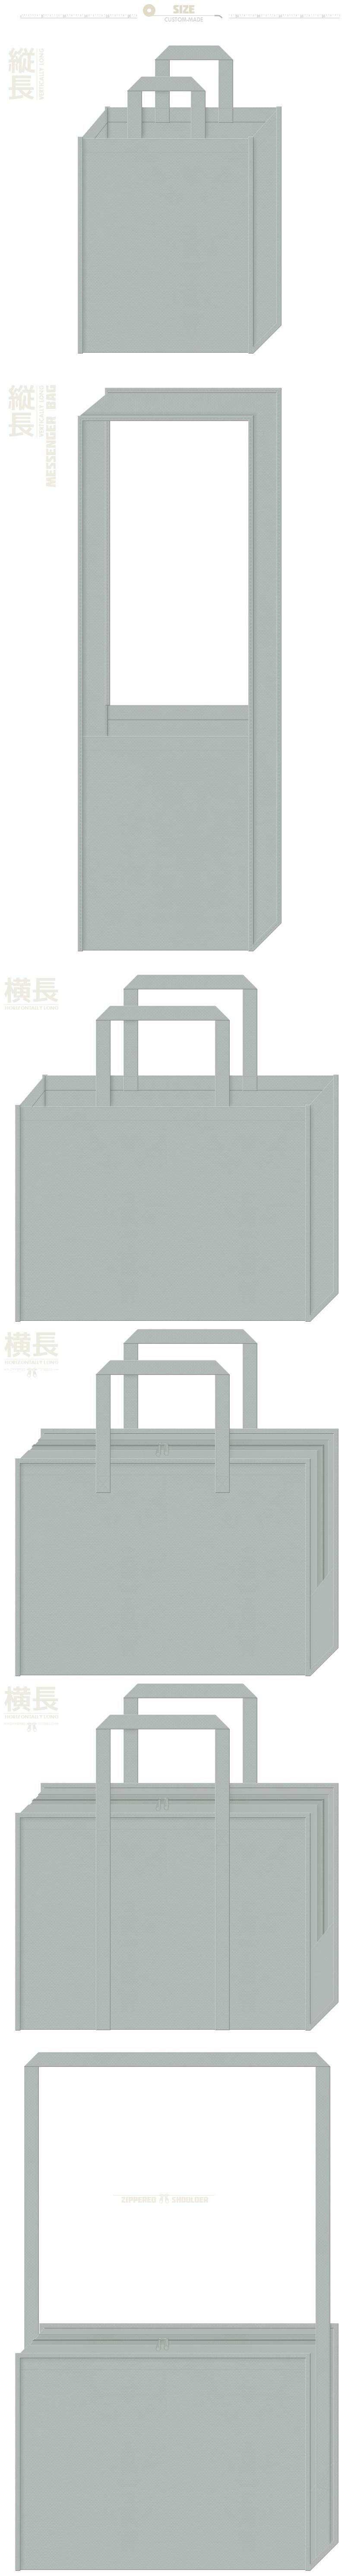 グレー色の不織布バッグにお奨めのイメージ:都市計画・法務セミナー・コンクリート・機械・文具